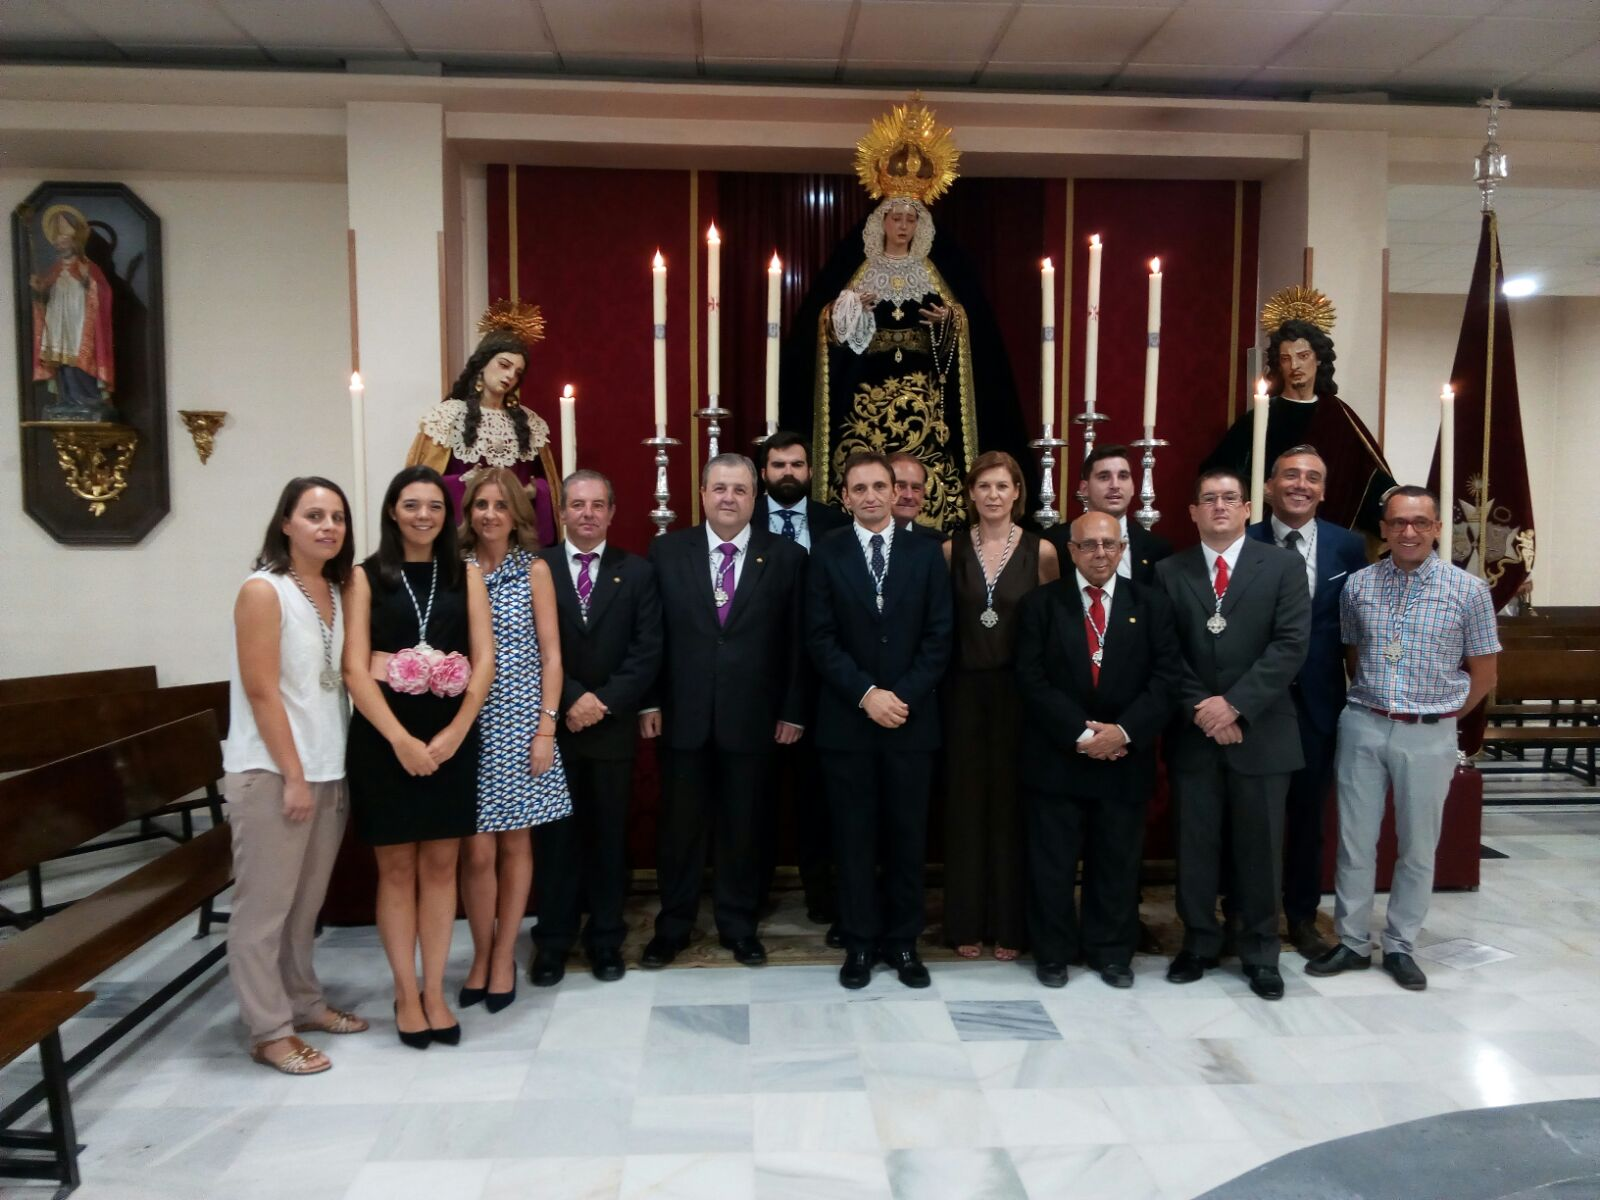 La nueva Junta de Gobierno ante María Santísima del Dulce Nombre